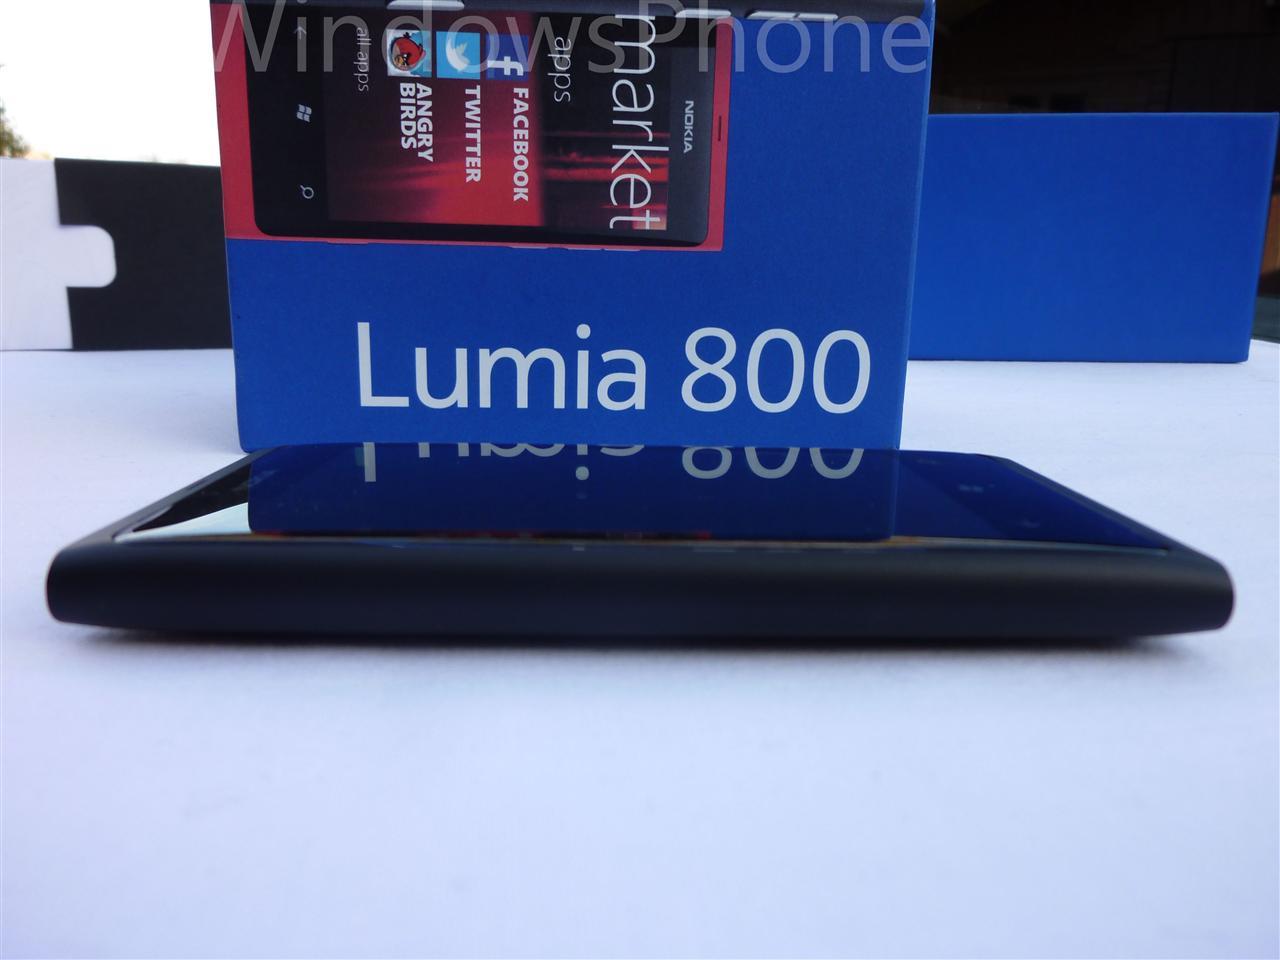 Déballage du Nokia Lumia 800 par Mon Windows Phone ...